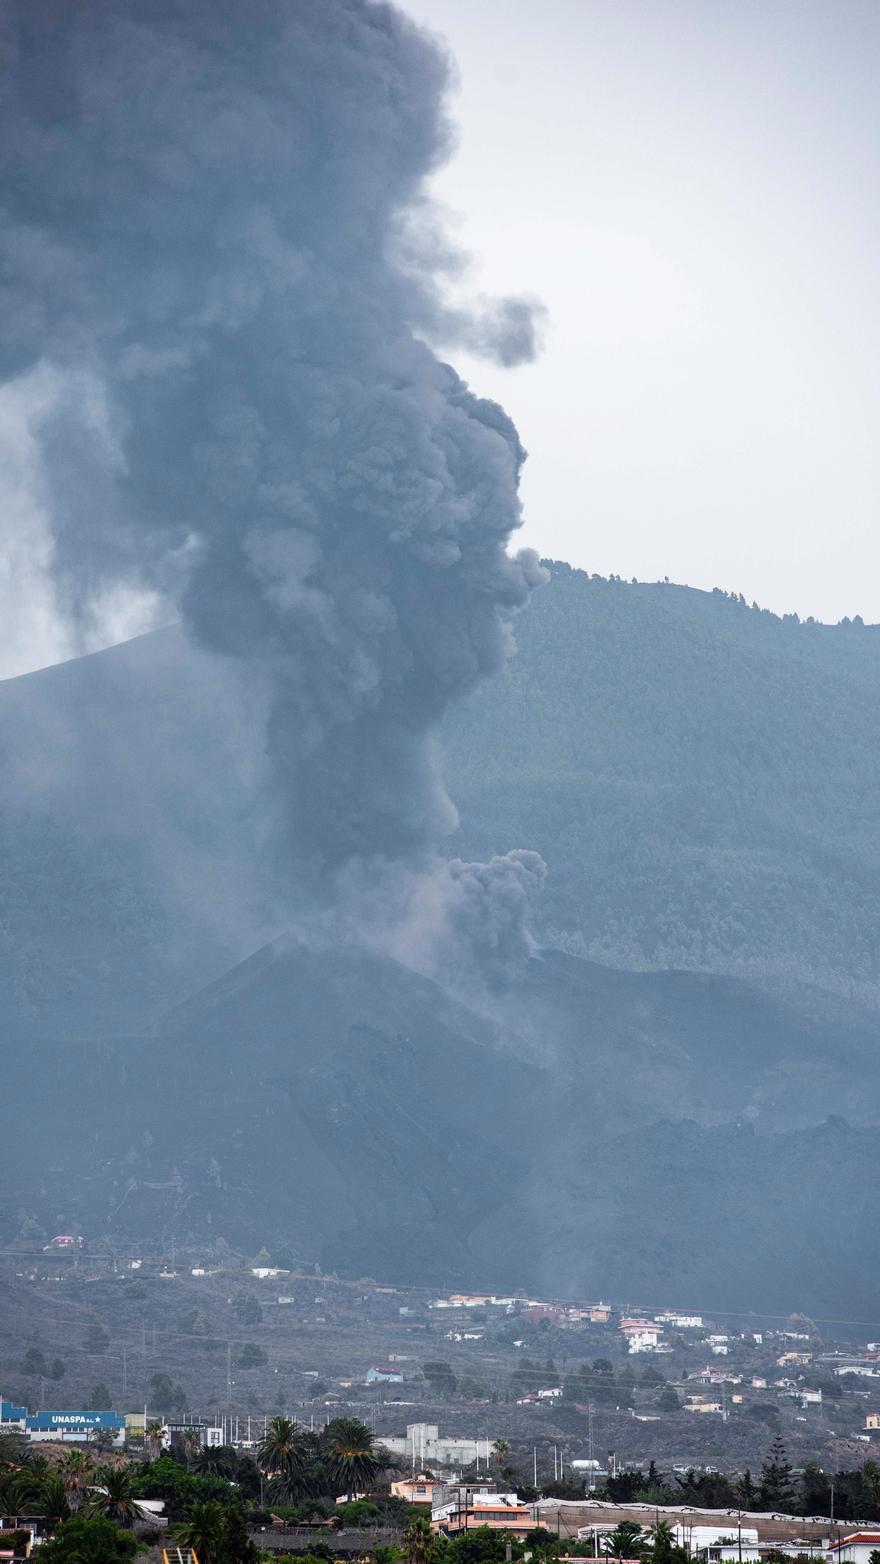 La erupción volcánica de La Palma continúa activa